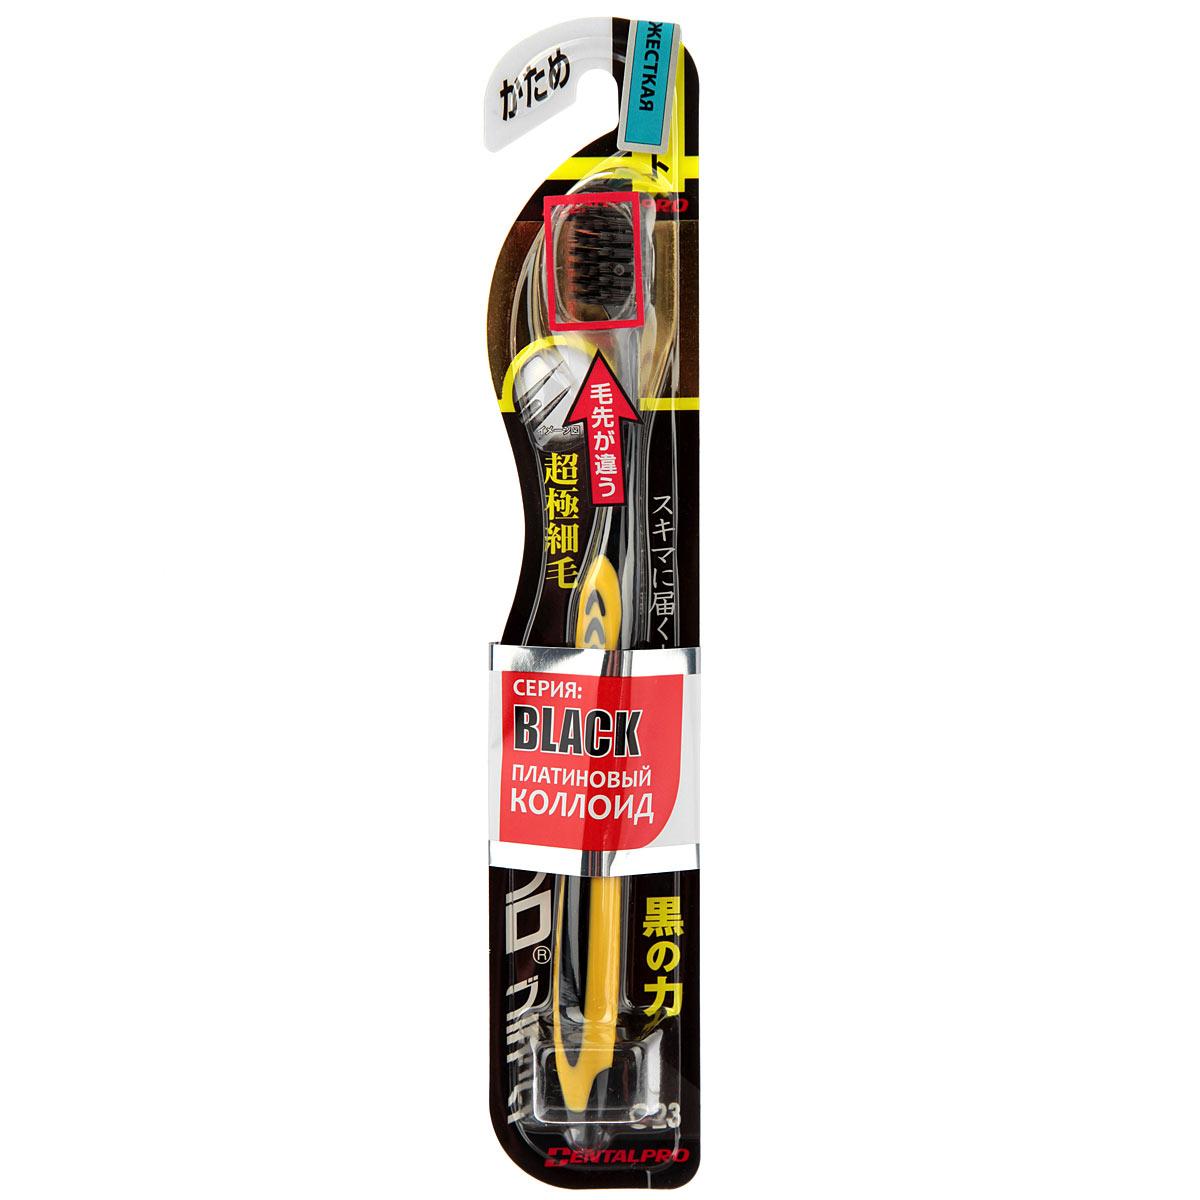 """Dentalpro Зубная щетка """"Black Compact Head"""", жесткая, цвет: желтый 121128_желтый"""